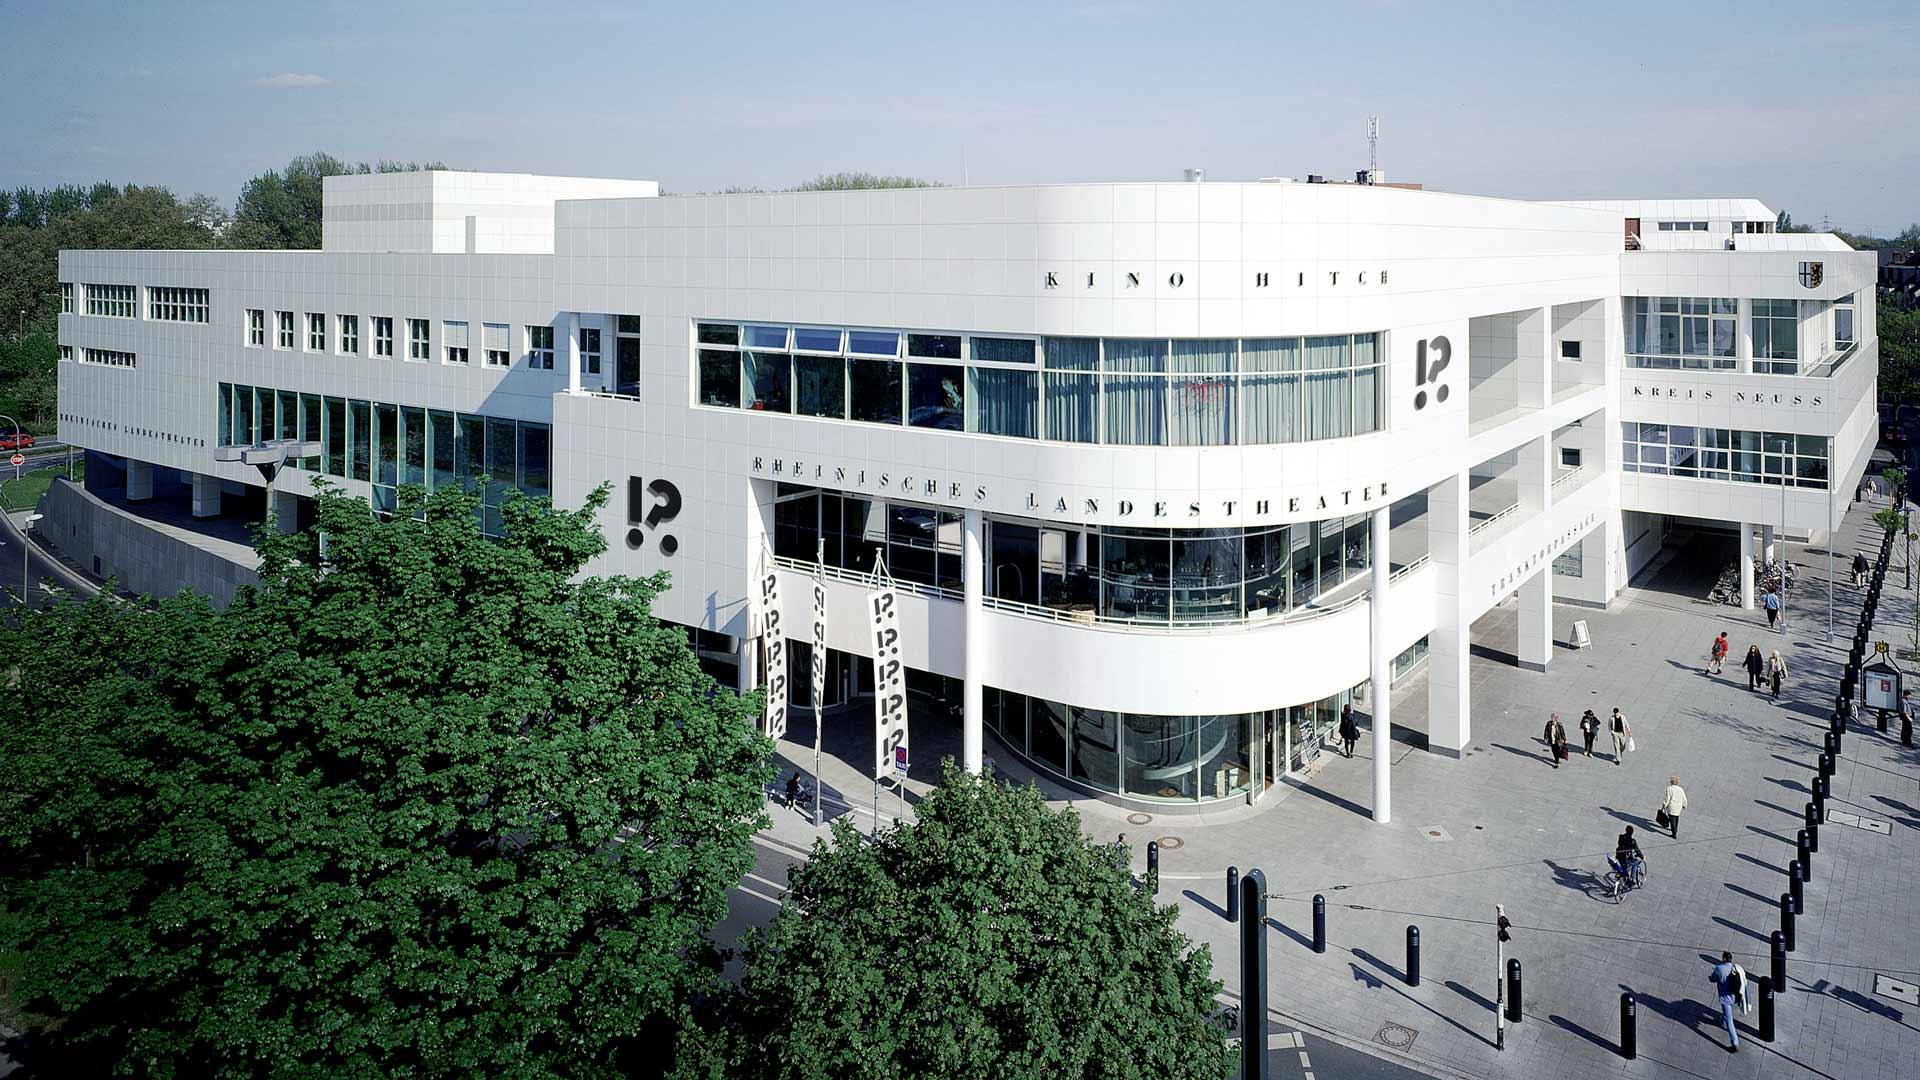 Außenansicht des Rheinischen Landestheater Neuss mit dem Dramaticon-Logo von Johannes López Ayala an Fassade und Beflaggung